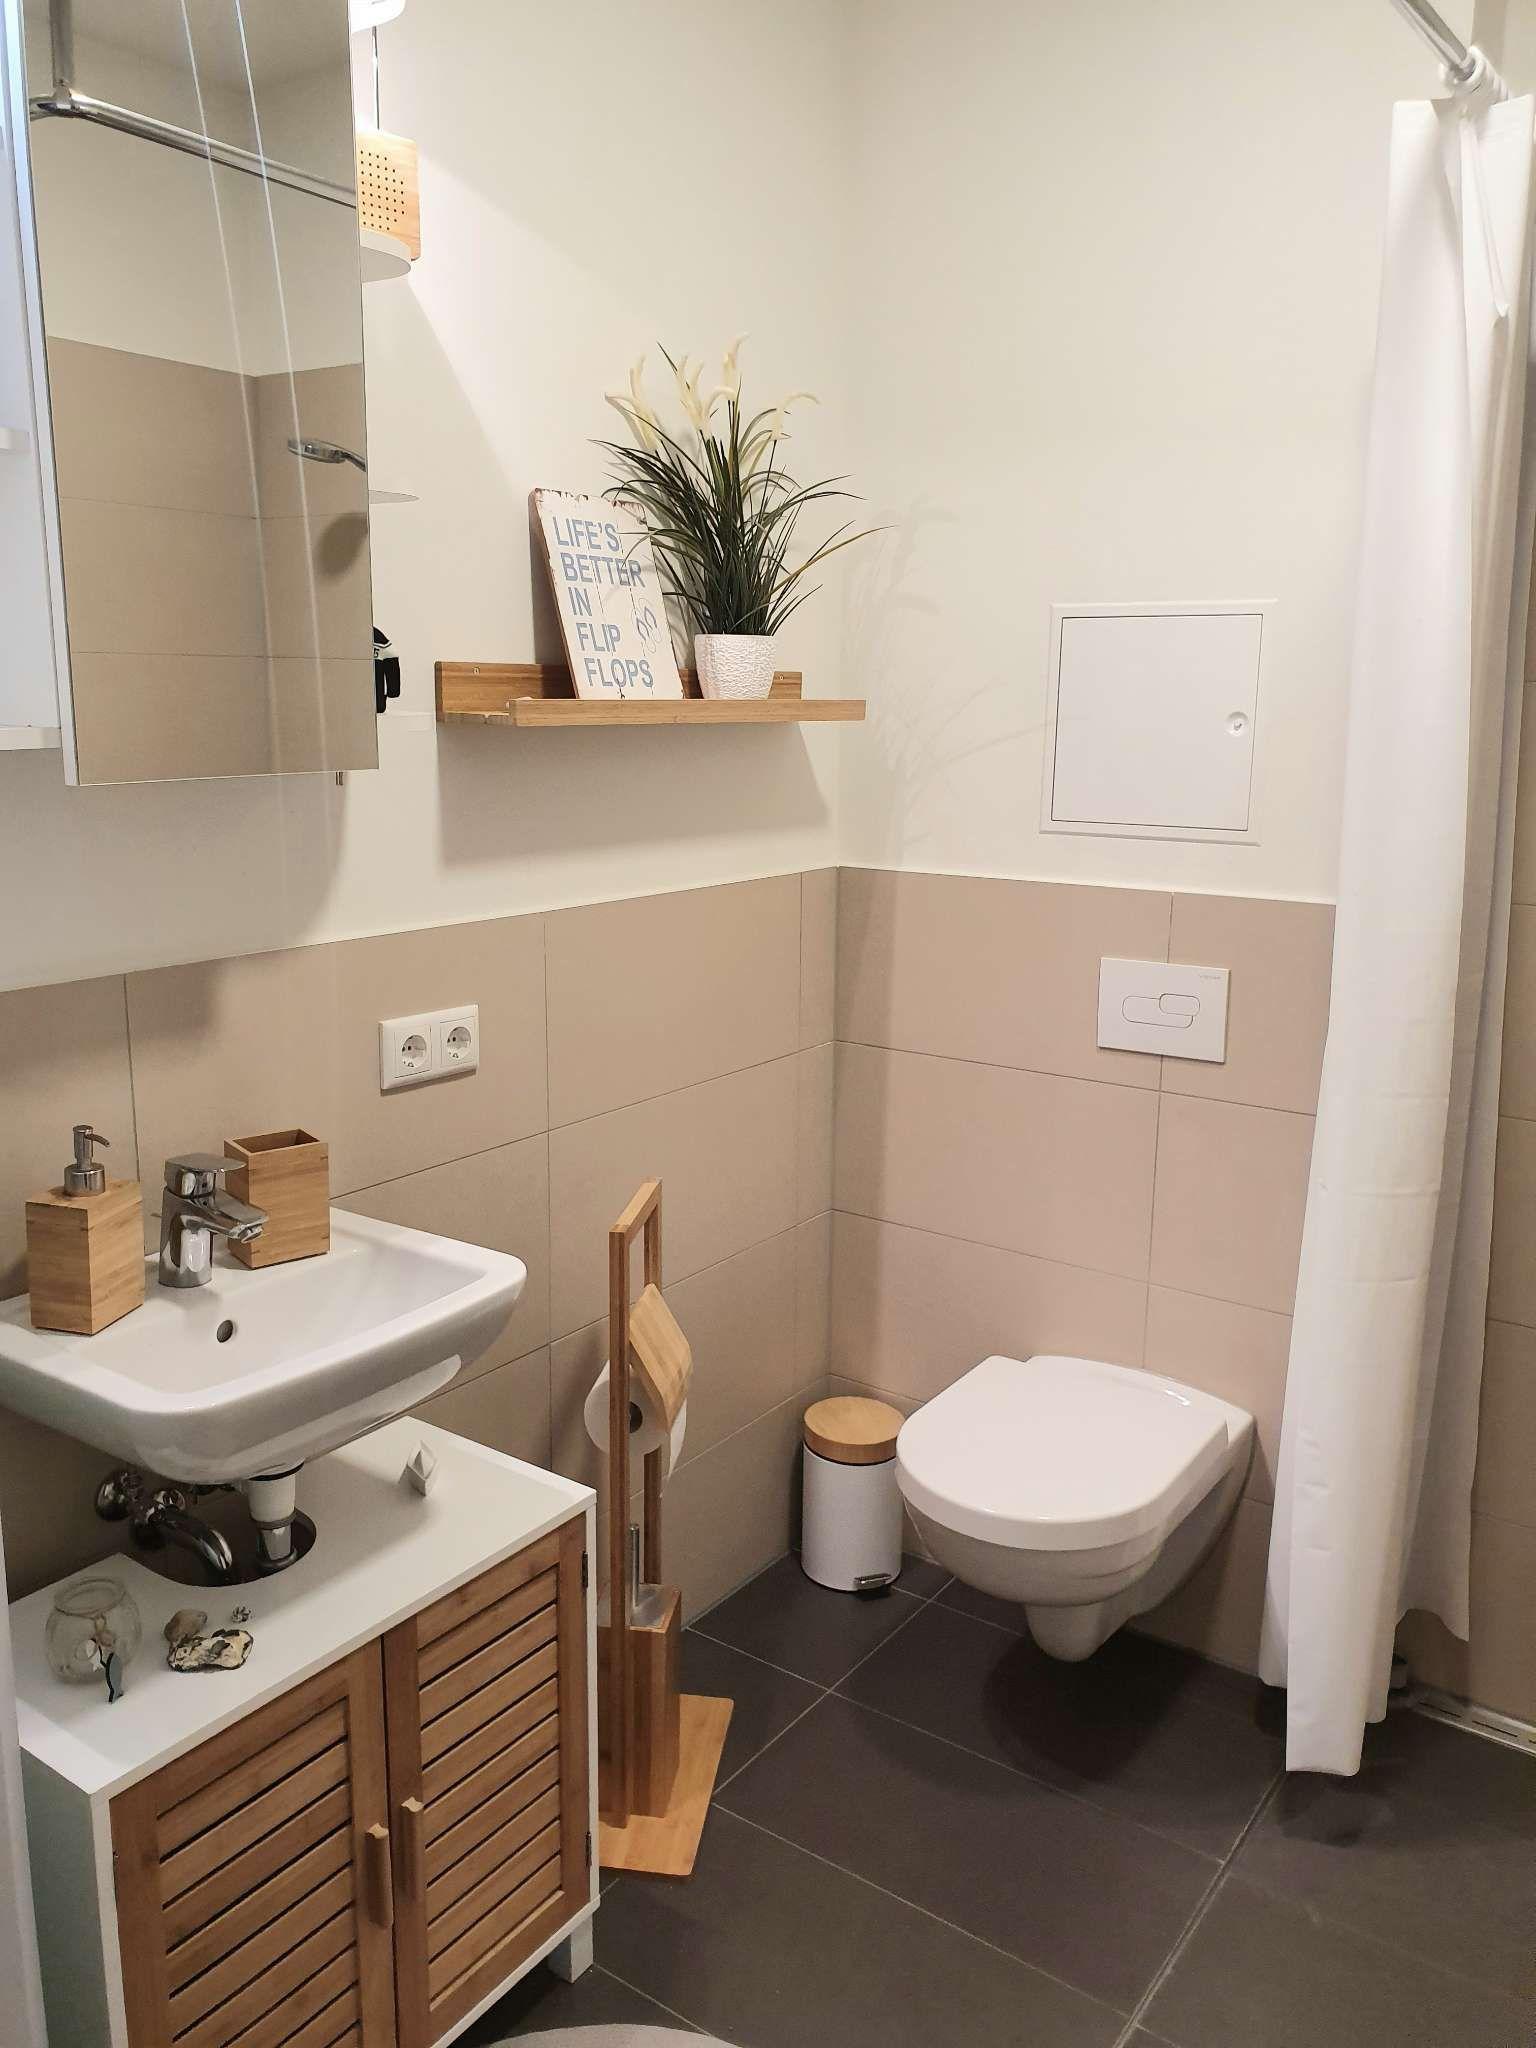 Kleines Aber Helles Badezimmer In 2020 Helle Badezimmer Badezimmer Schone Badezimmer